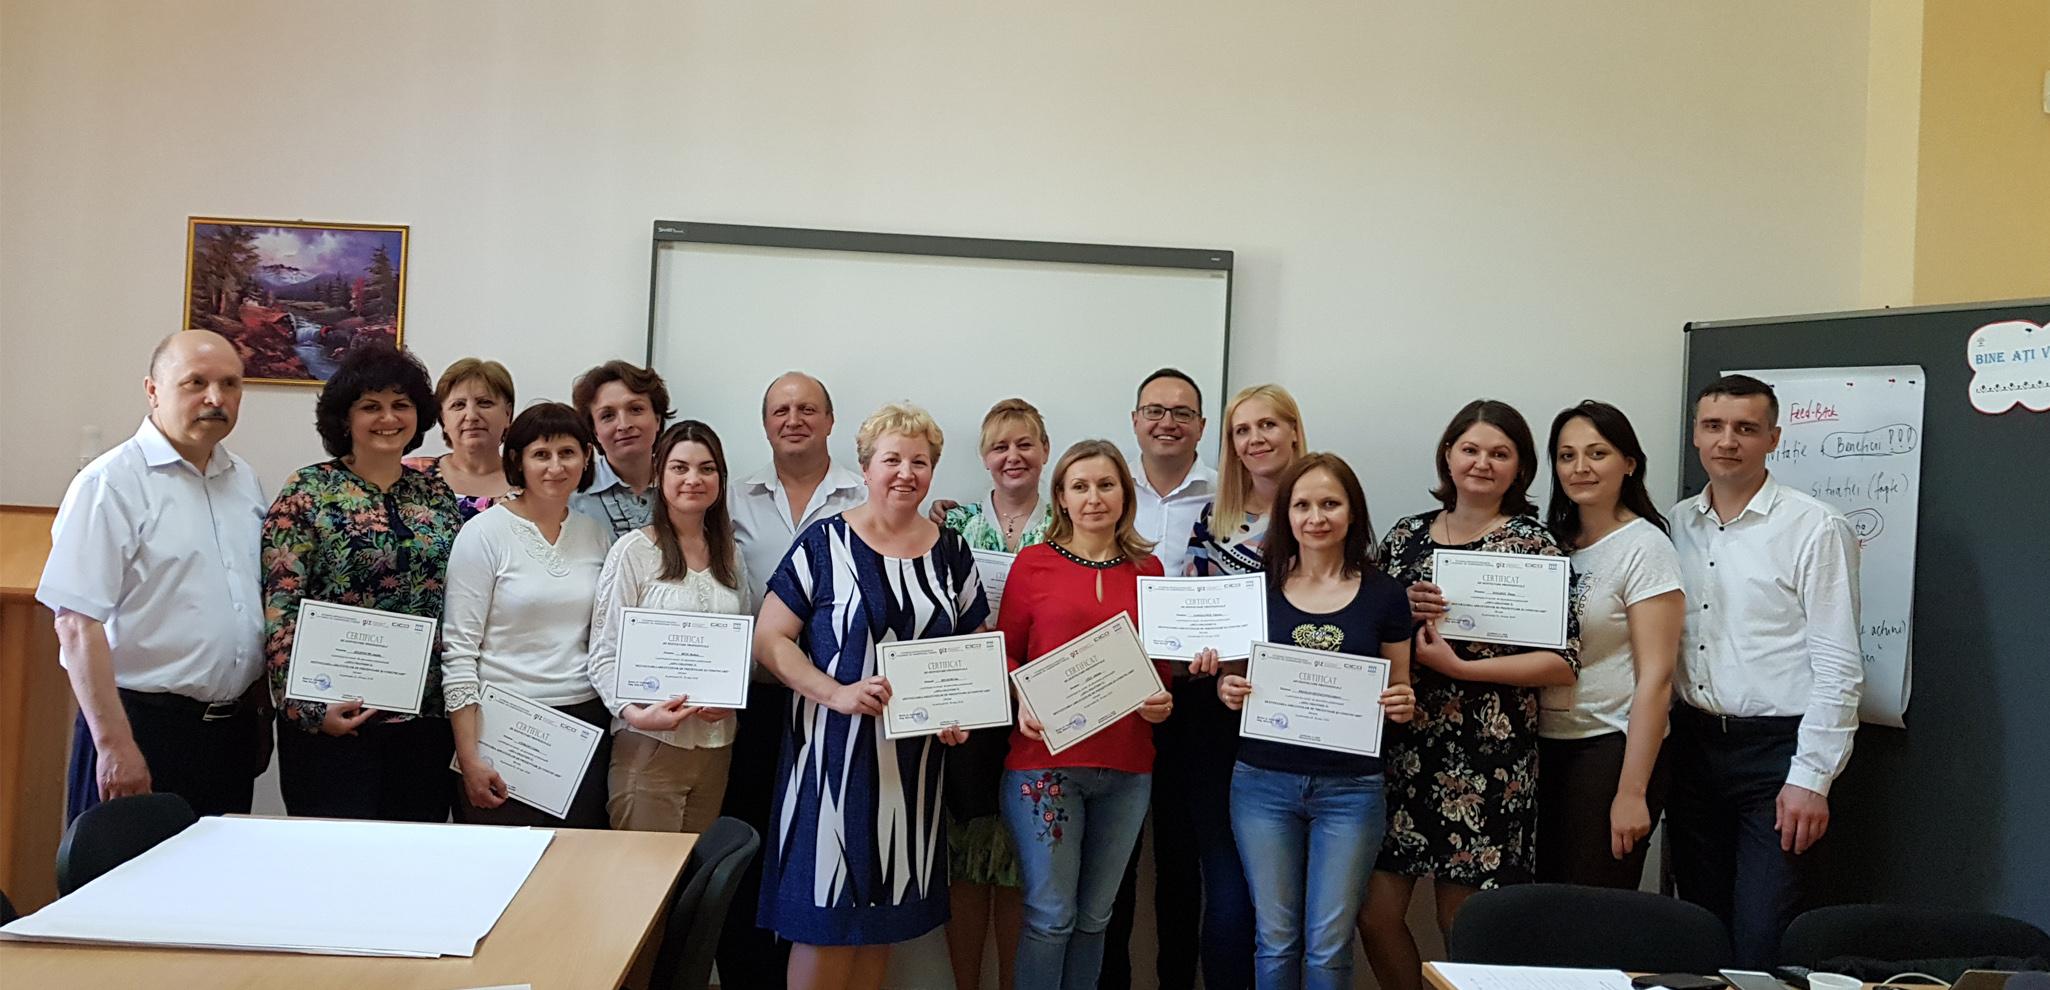 Dezvoltarea capacităților de comunicare și a managementului conflictelor au fost tematicile unor sesiuni de instruire pentru angajații AAP